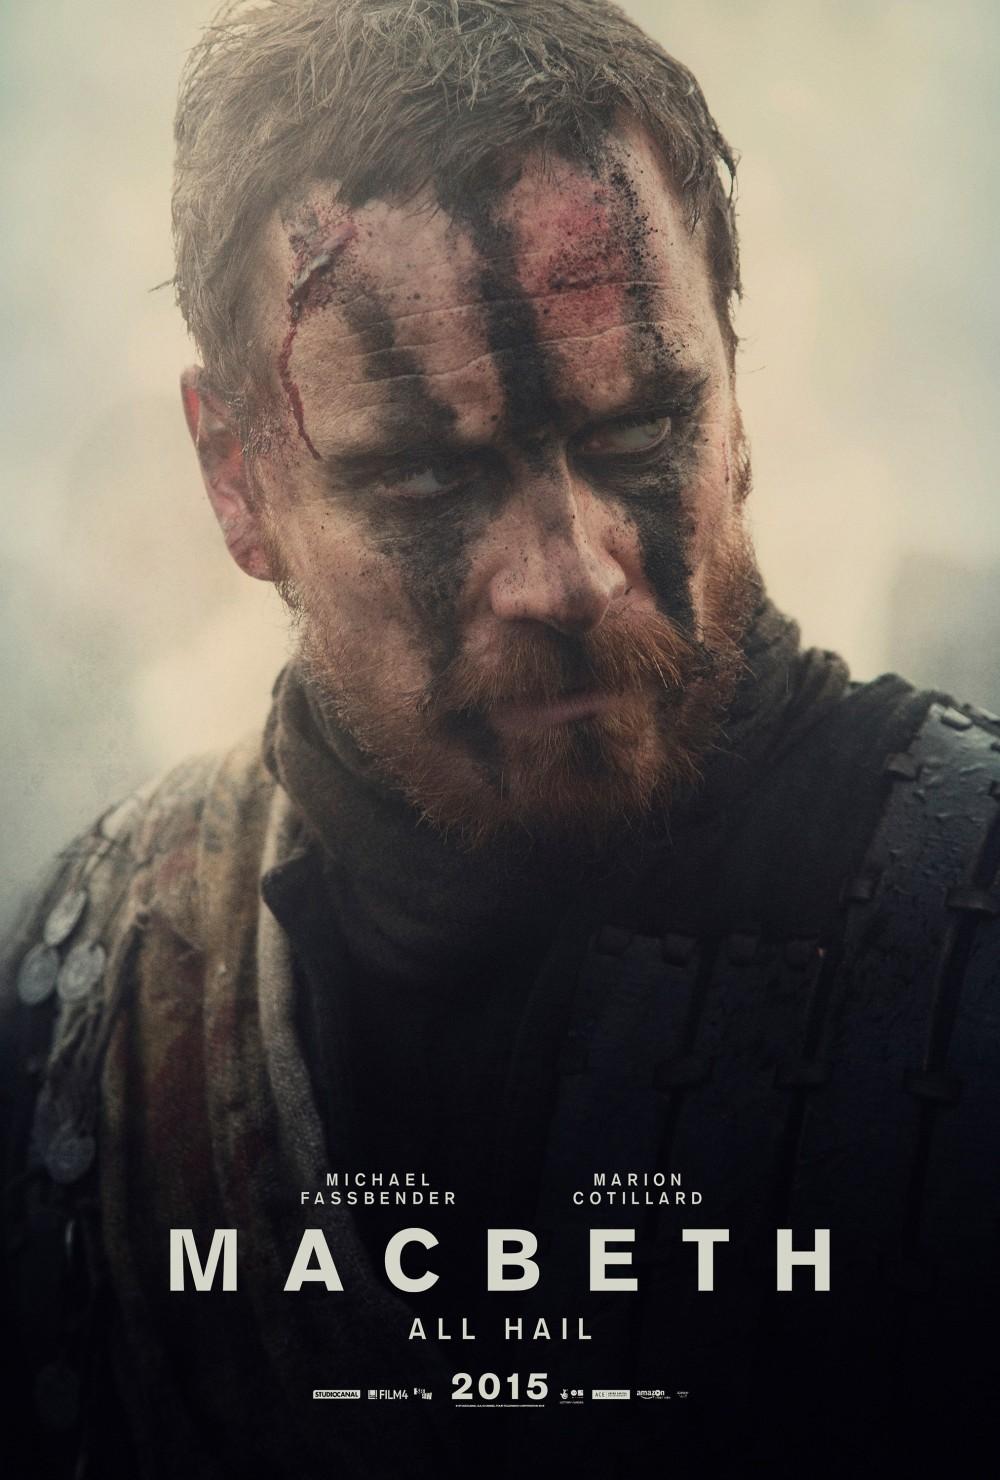 Michael Fassbender as Macbeth